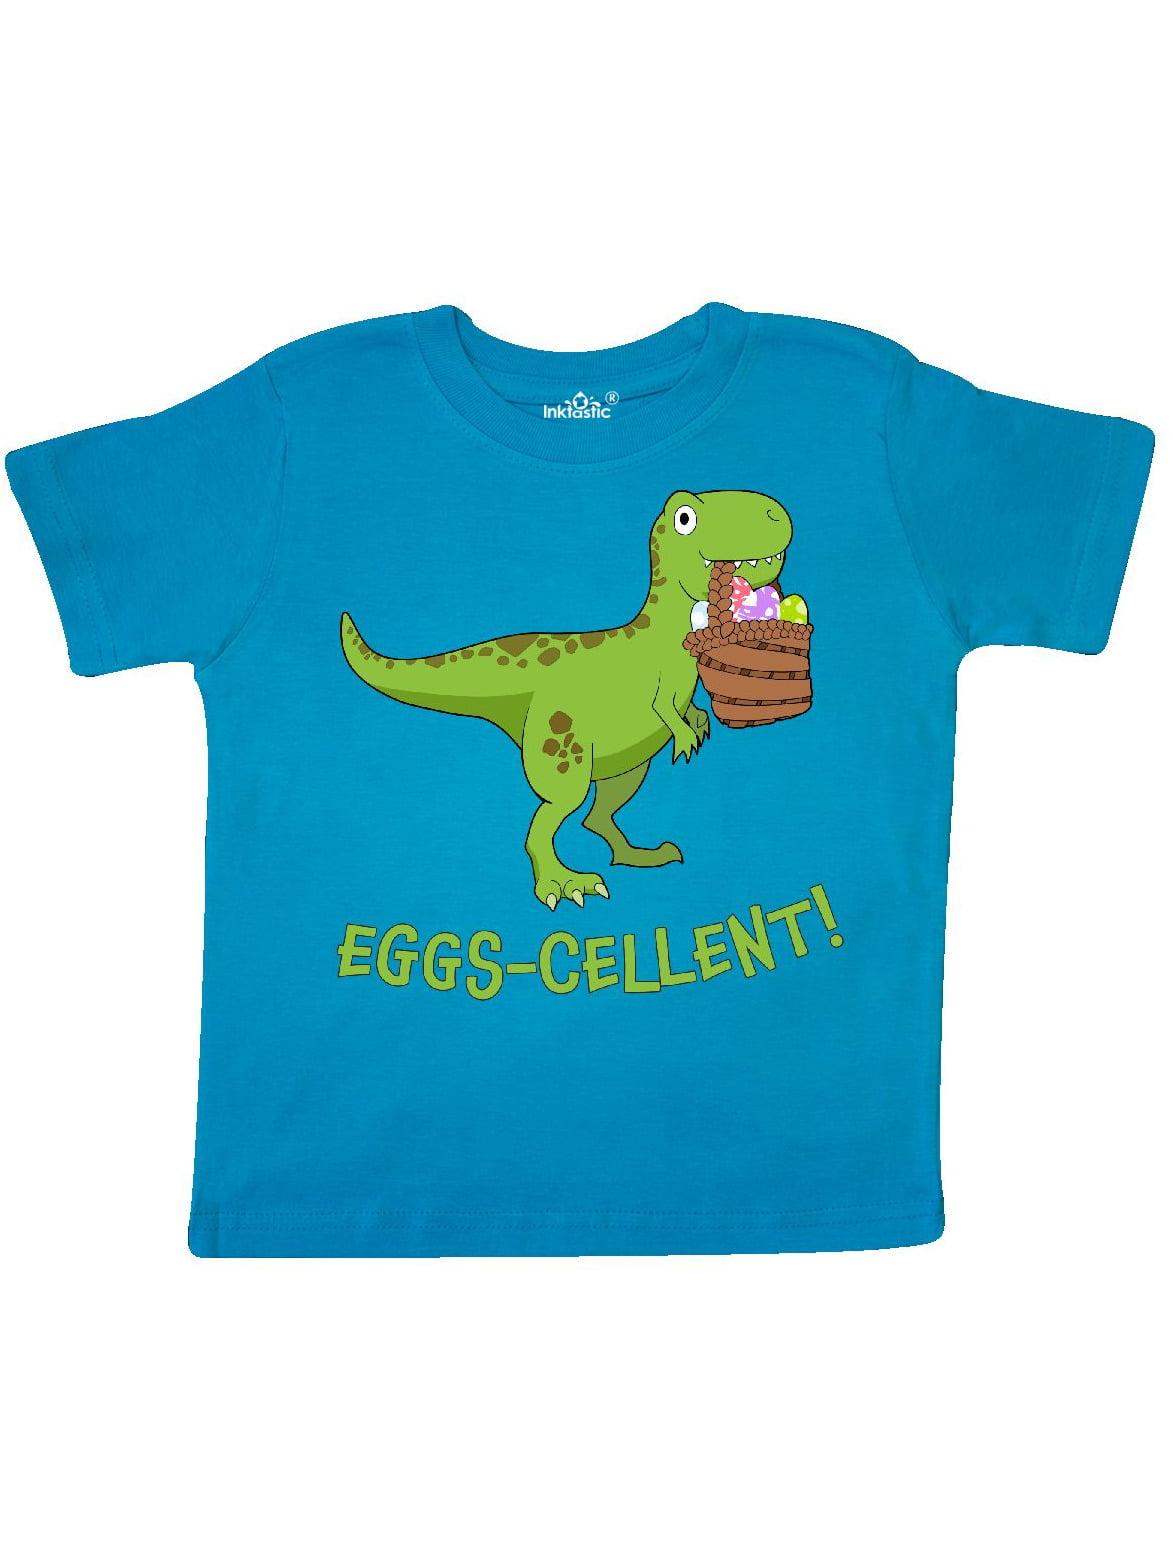 Eggs-cellent! Cute Easter T-Rex Dinosaur Toddler T-Shirt